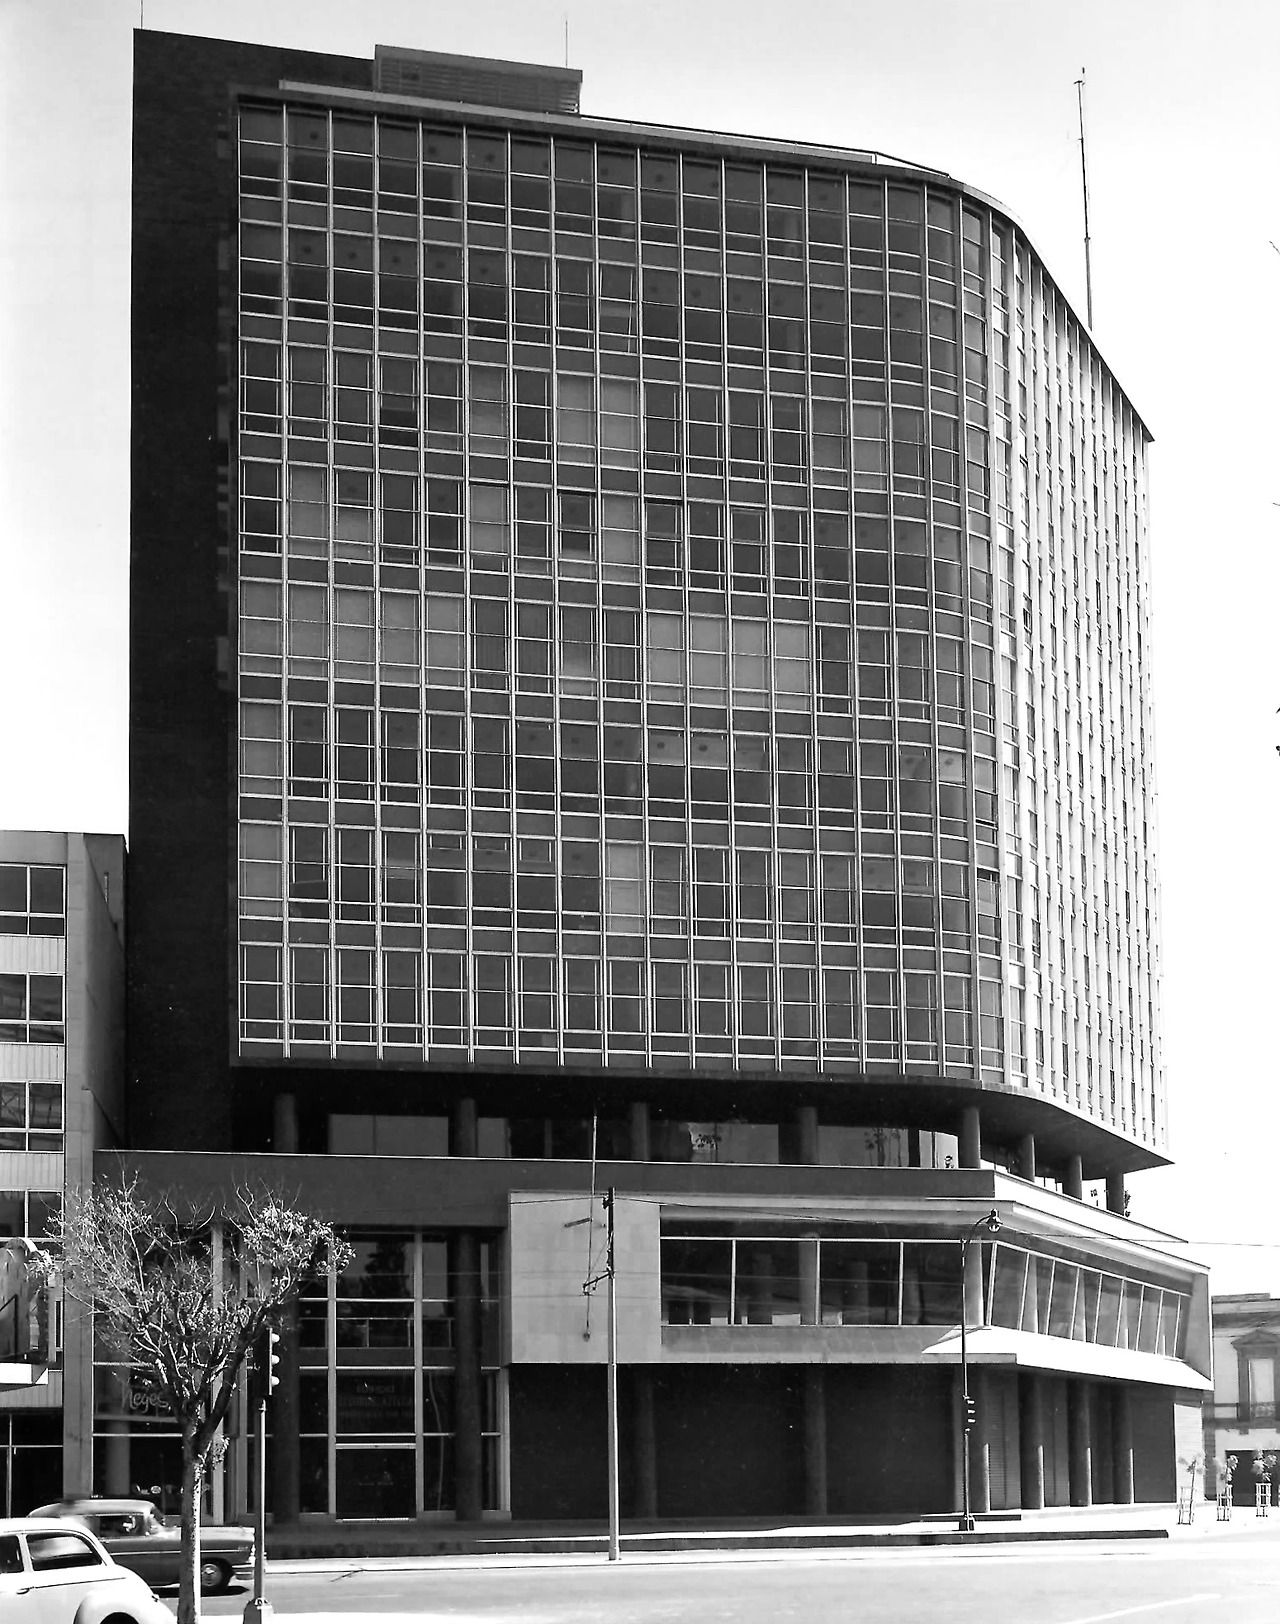 Edificio de oficinas (Seguros Azteca), Insurgentes Sur 170 en la esquina de Niza, Col. Juárez, México DF 1954 Arq. José Hanhausen - Office Buildling, Insurgentes at Niza, Zona Rosa, Mexico City 1954